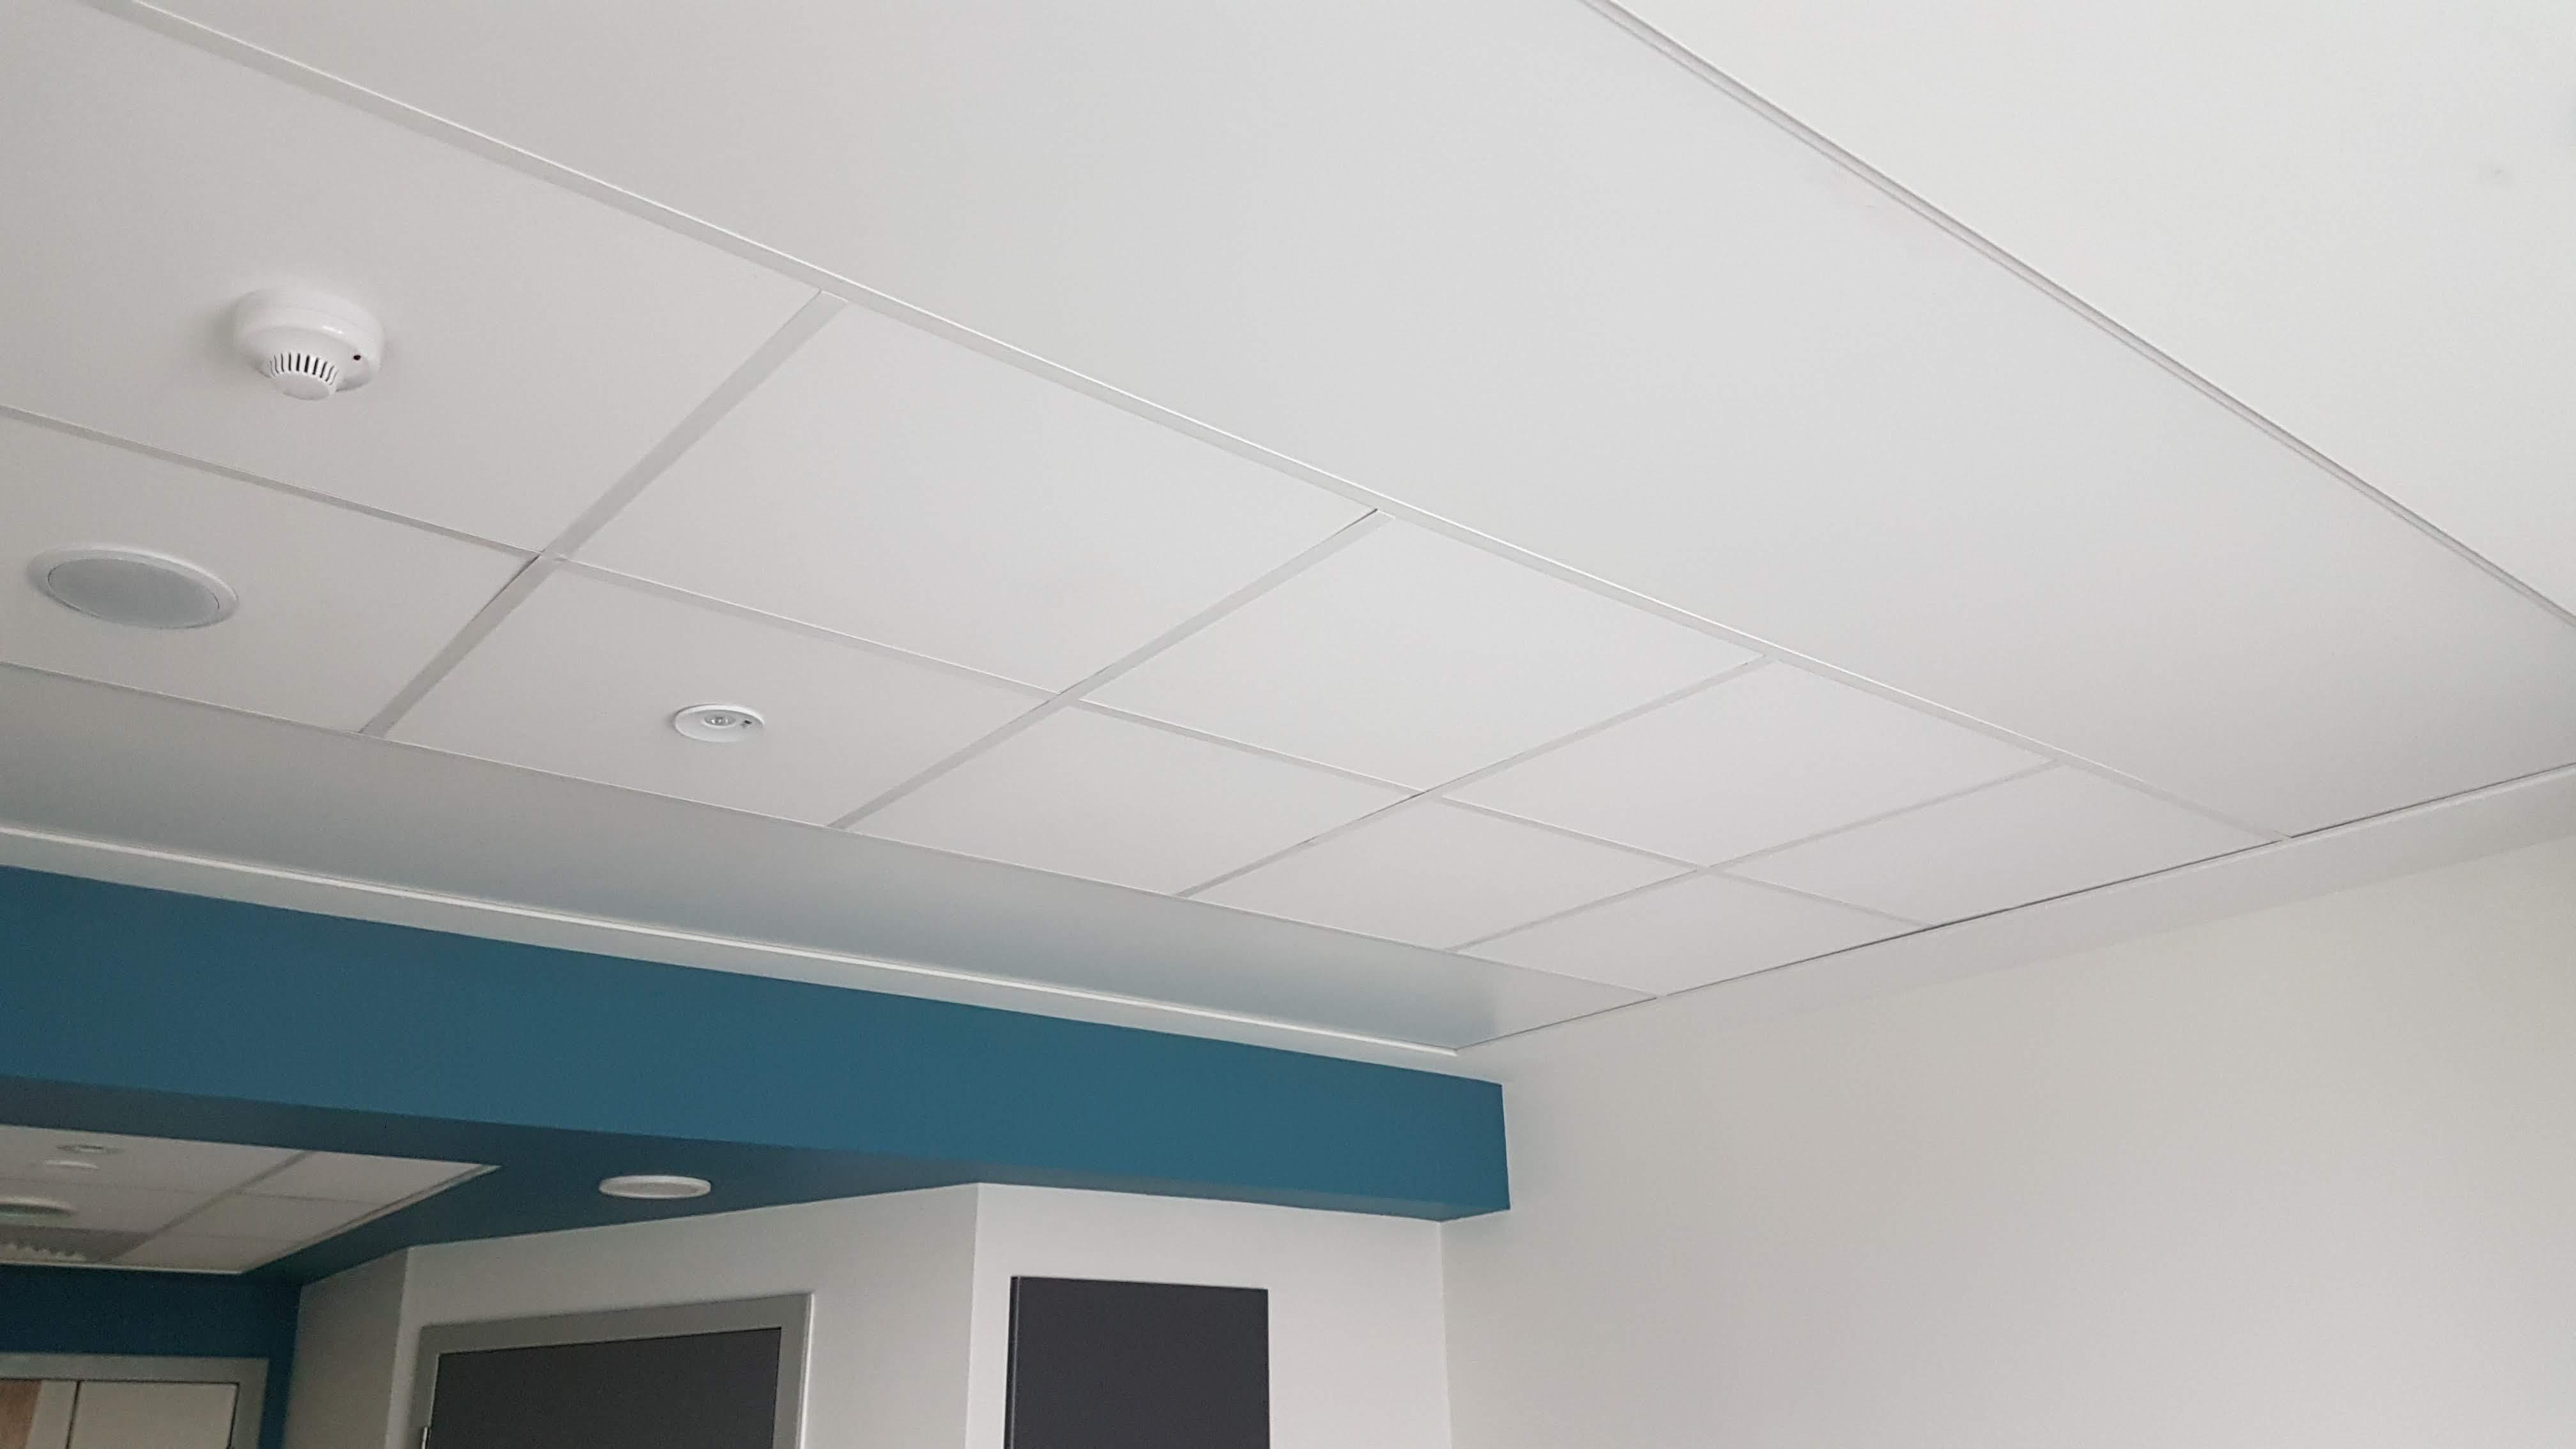 carobline-radiant-panels